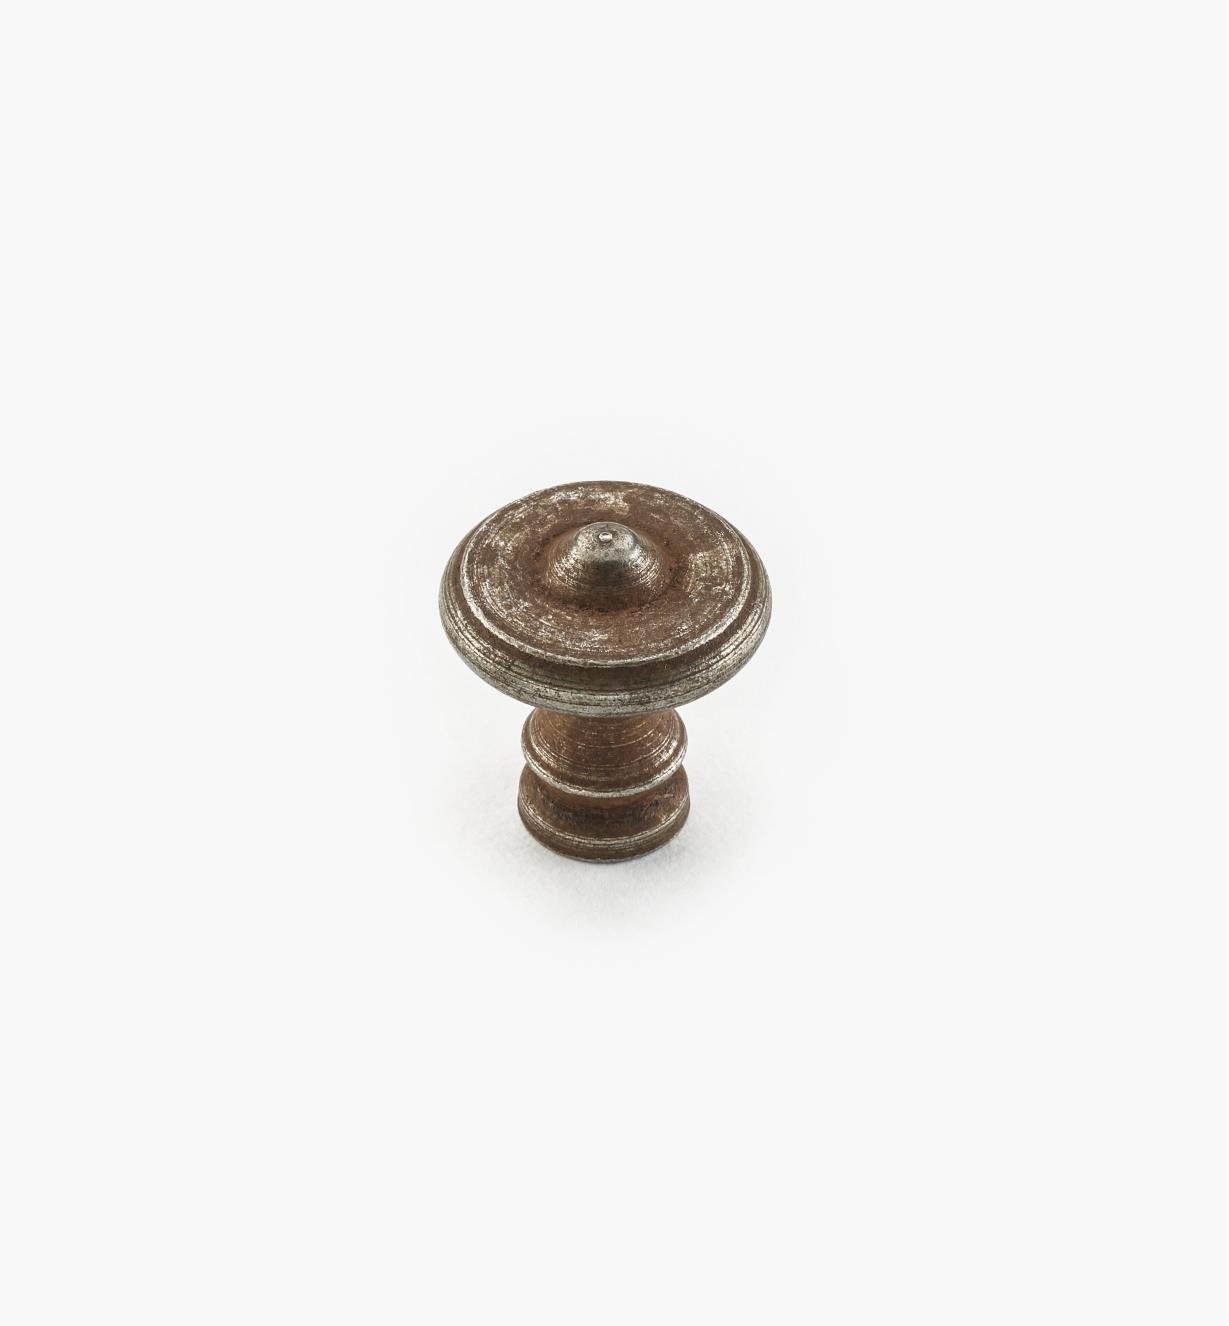 01A6051 - Bouton en acier, fini rouille, 20 mm x 20 mm